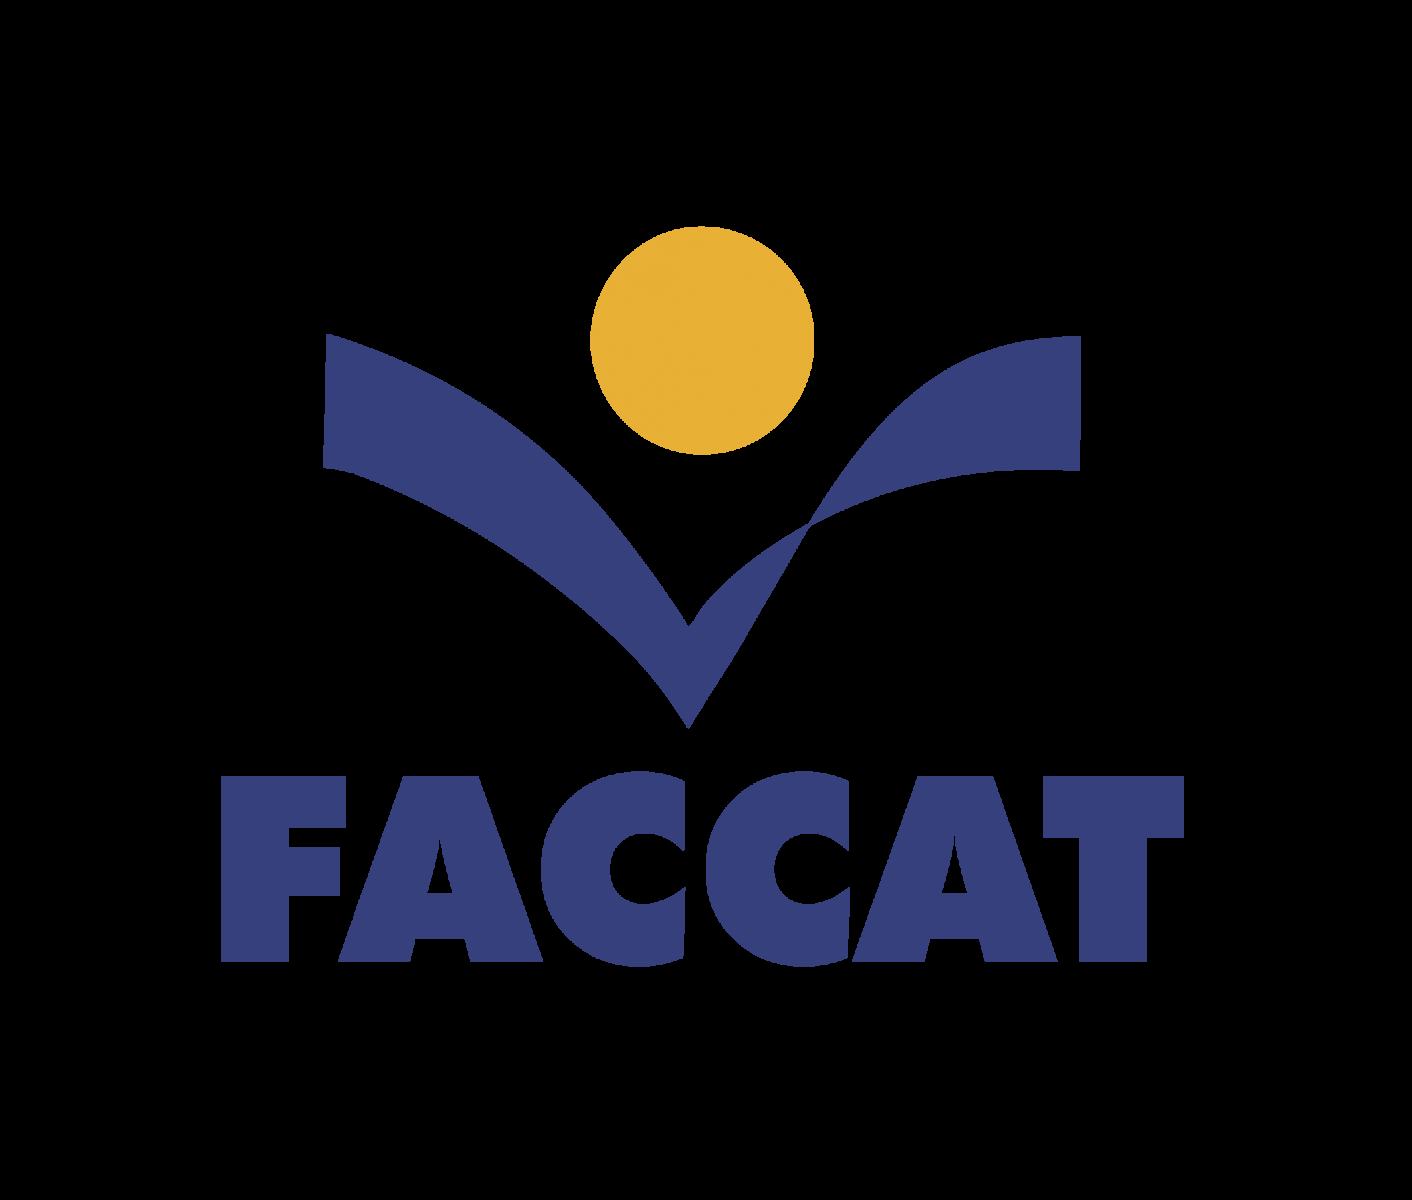 Faccat